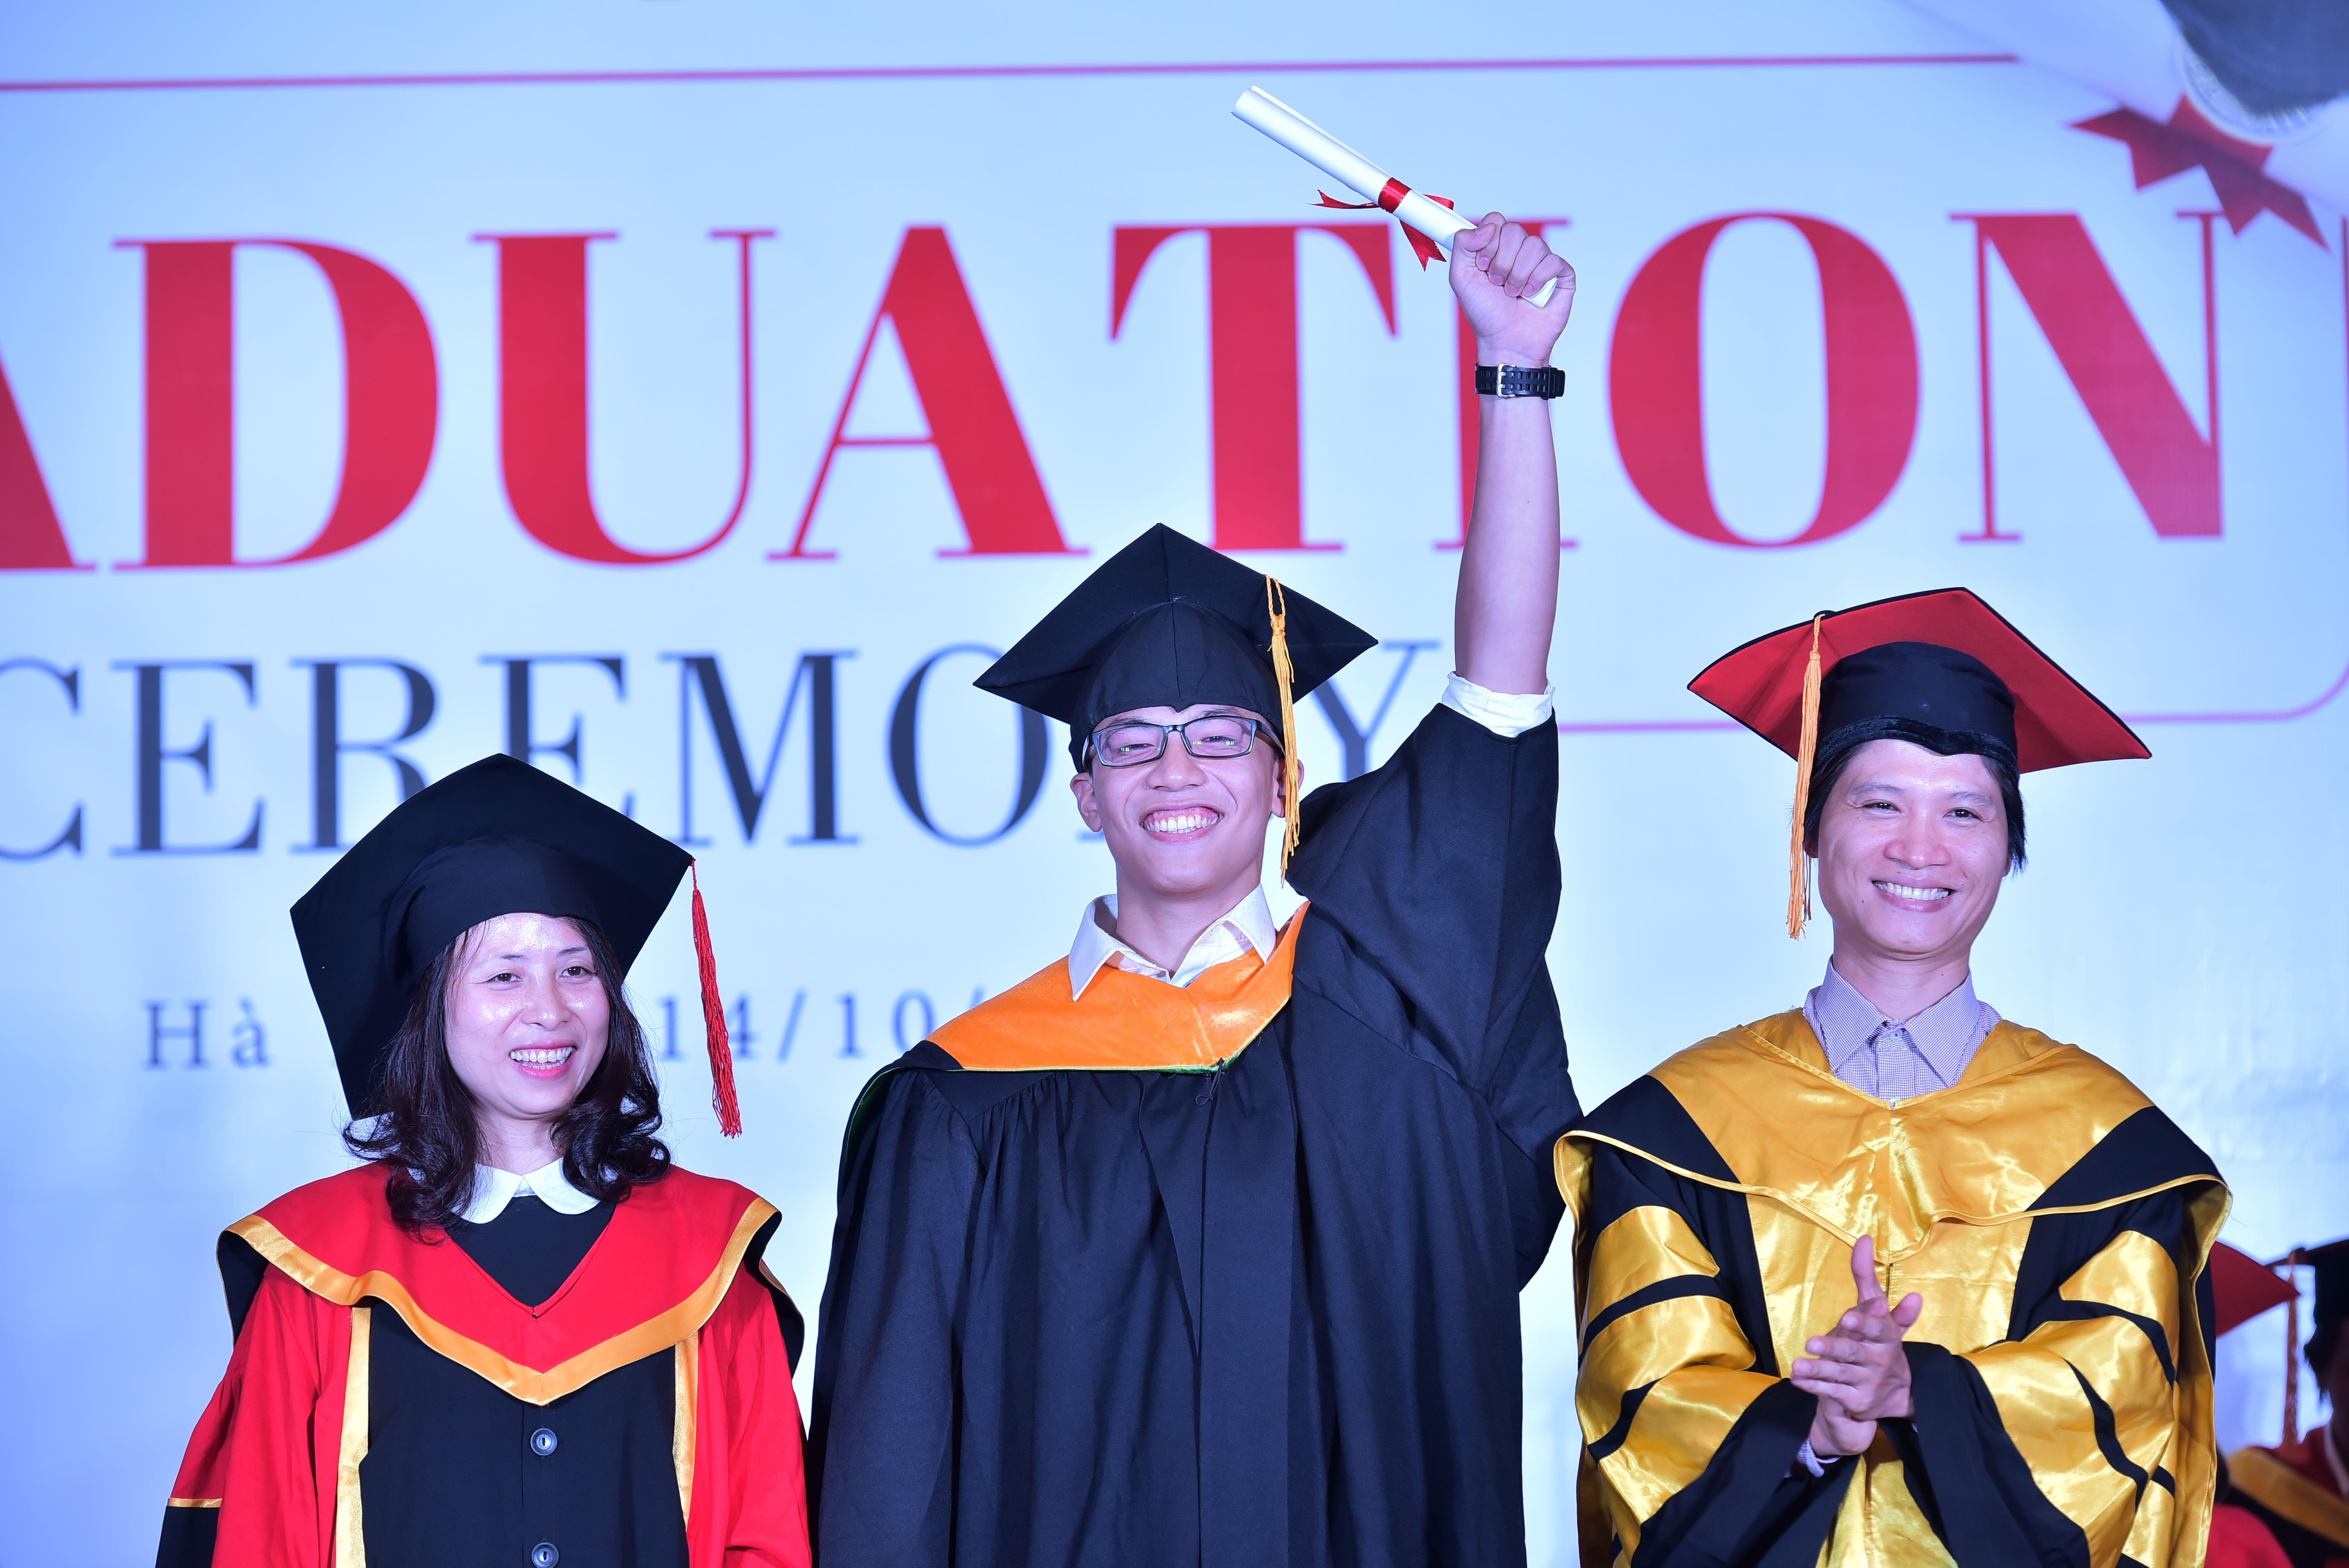 Nụ cười chiến thắng - Chiến thắng những kì thi, những project, những assignment và chiến thắng bản thân để có thể tốt nghiệp.